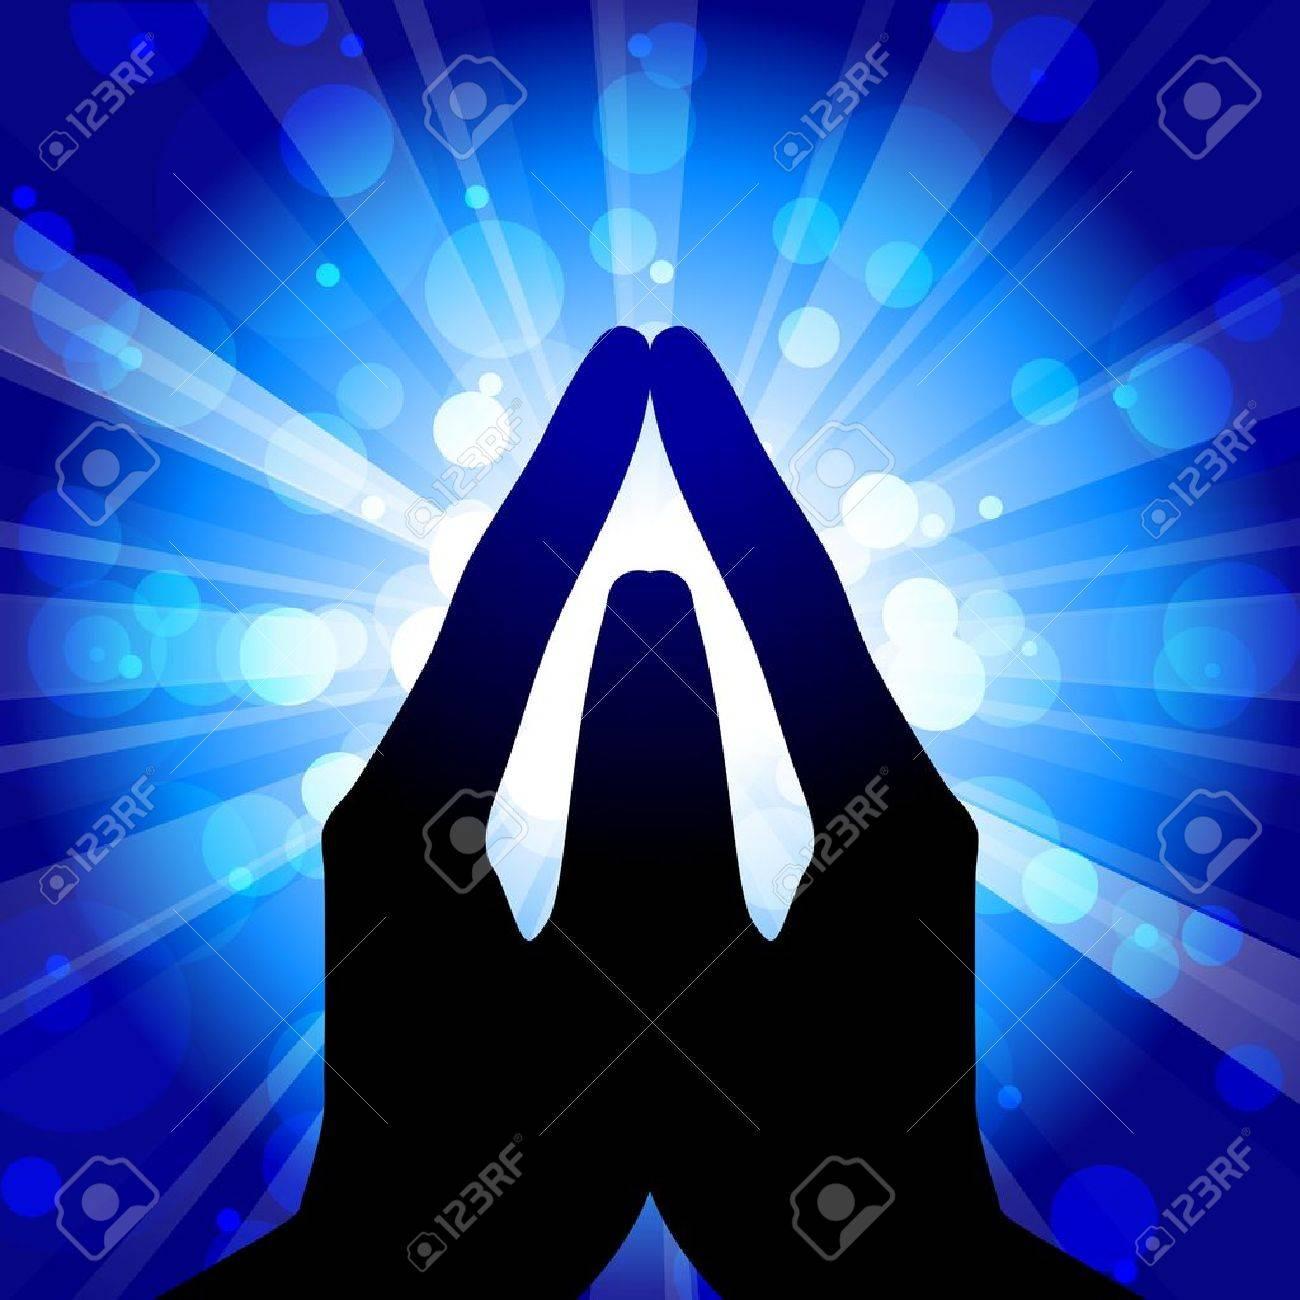 Prayer - vector illustration Stock Vector - 12928967